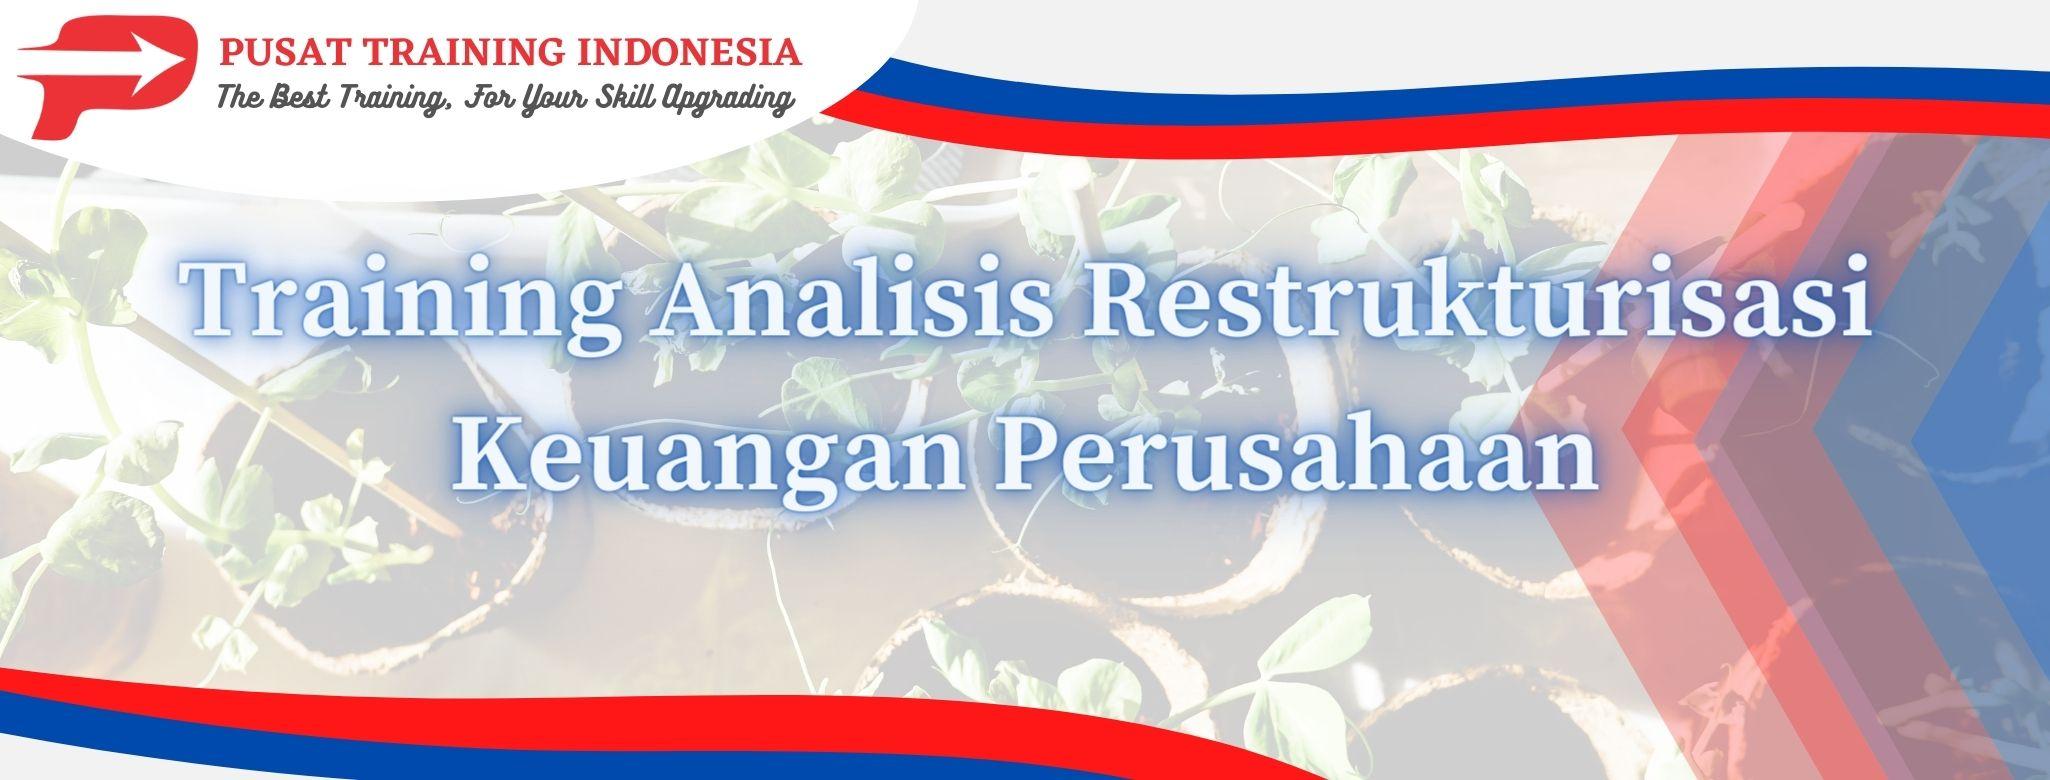 Training-Analisis-Restrukturisasi-Keuangan-Perusahaan